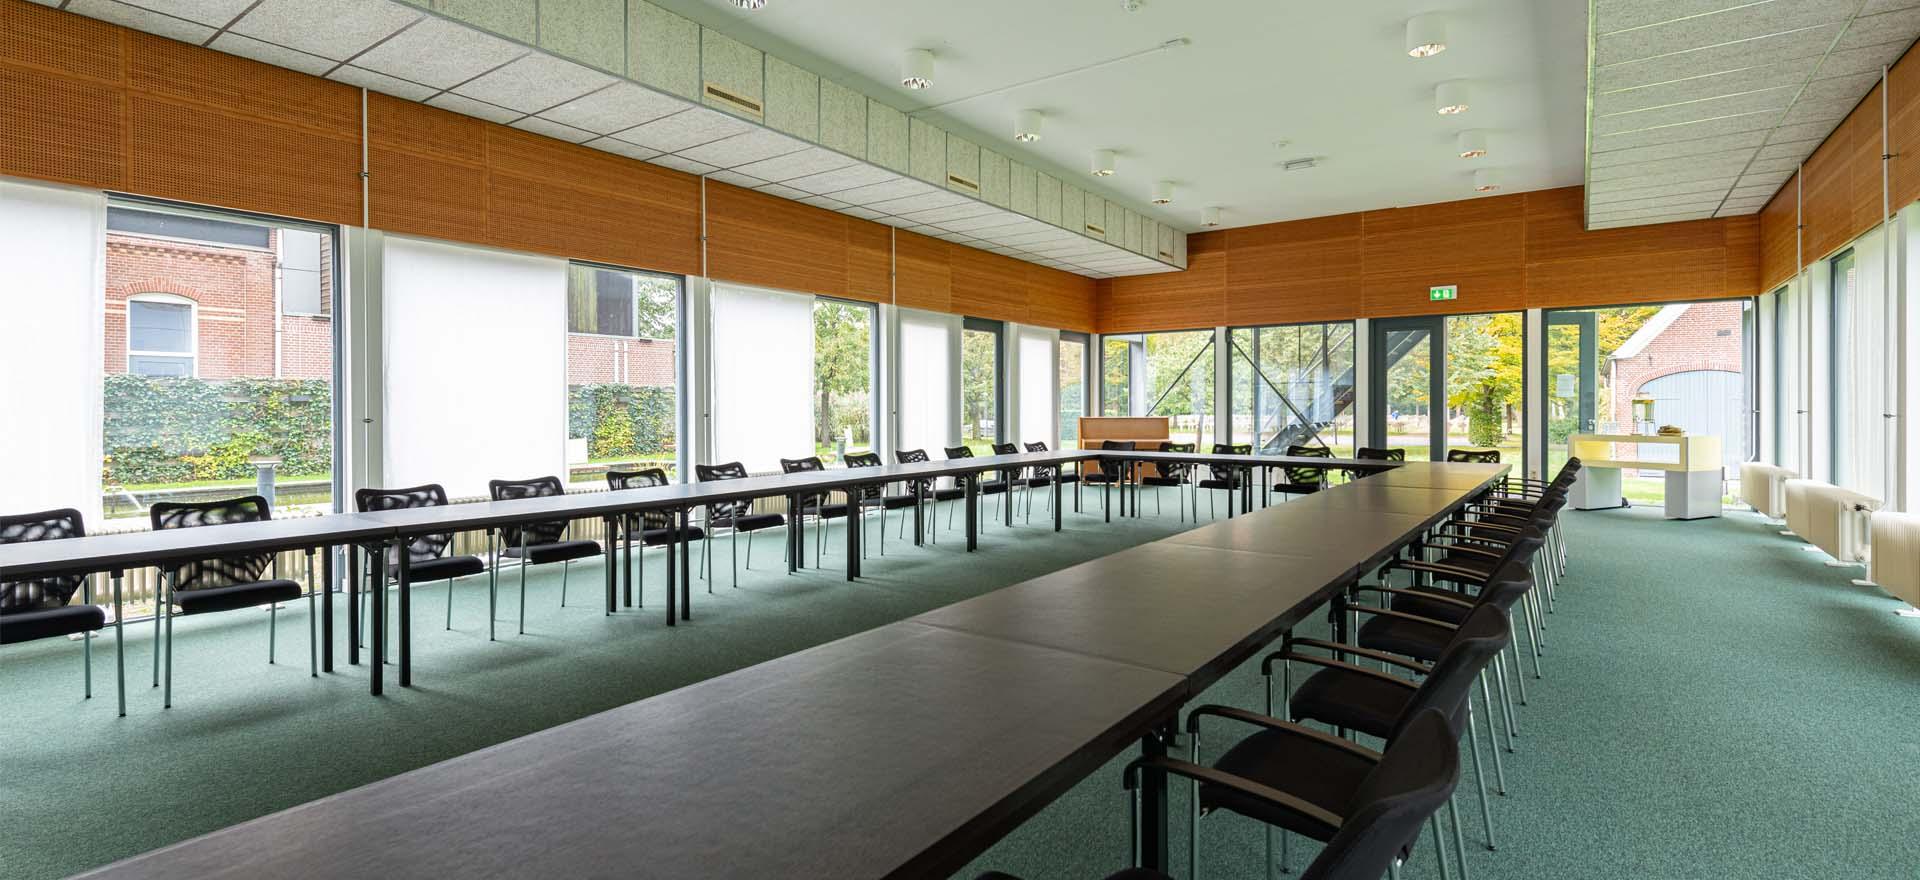 Header Tuinkamer openslaande deuren ramen licht u-vorm tafels vergadering boardmeeting